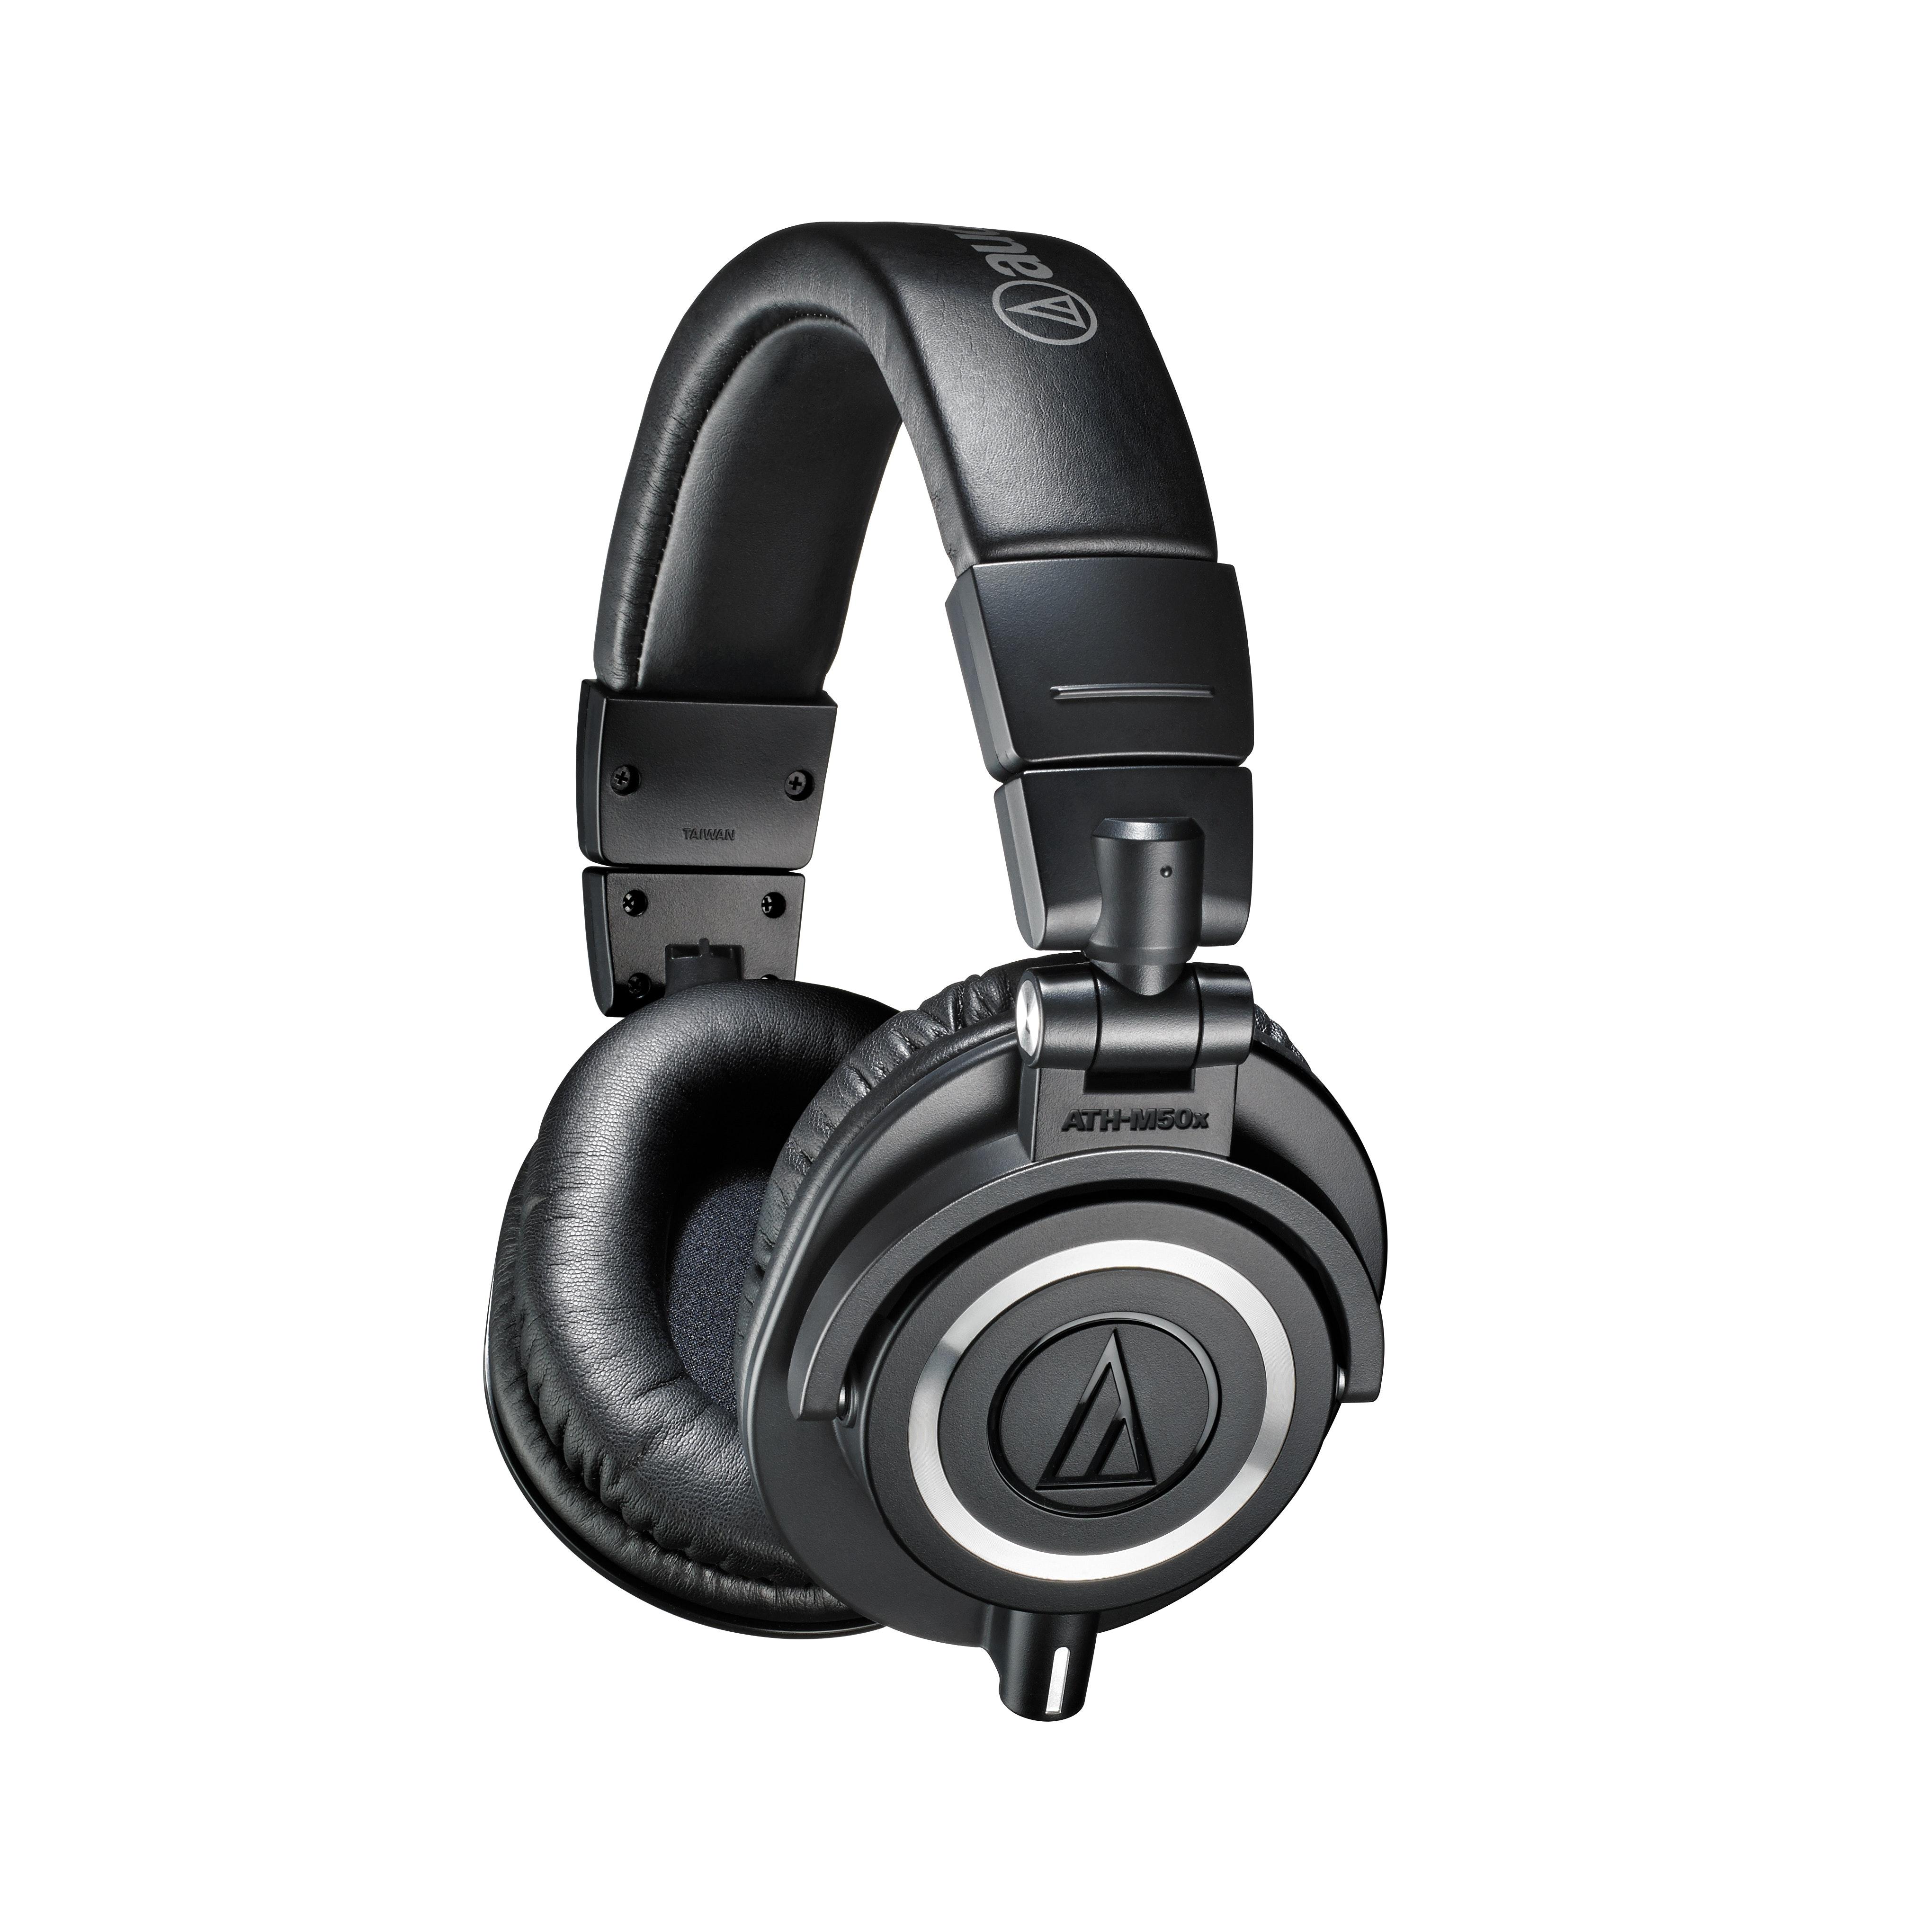 ATH-M50x | Audio-Technica